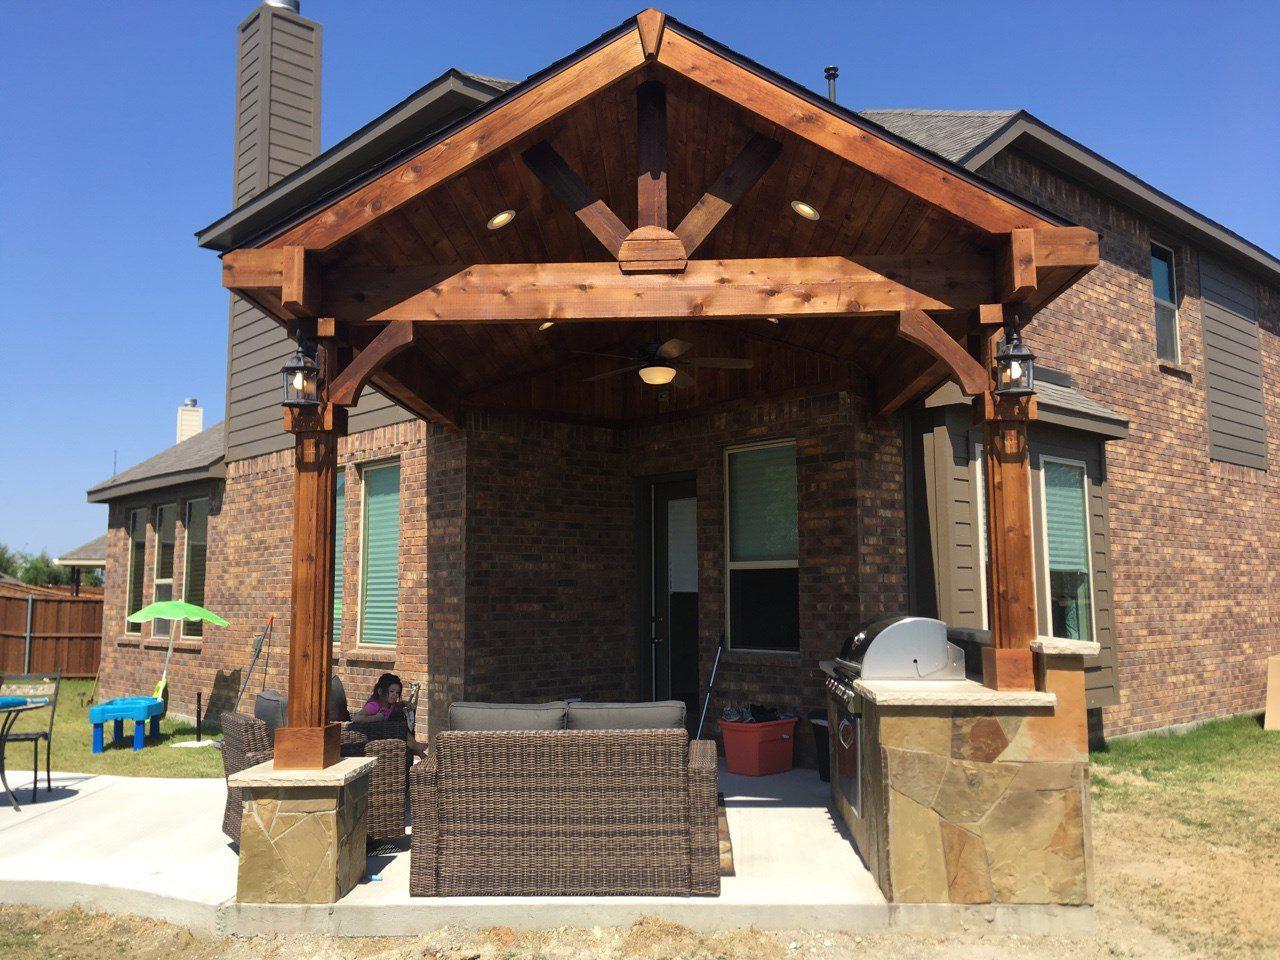 Patio Covers   Beautiful Backyard Living   Frisco, TX ... on Backyard Patio Covers  id=19693